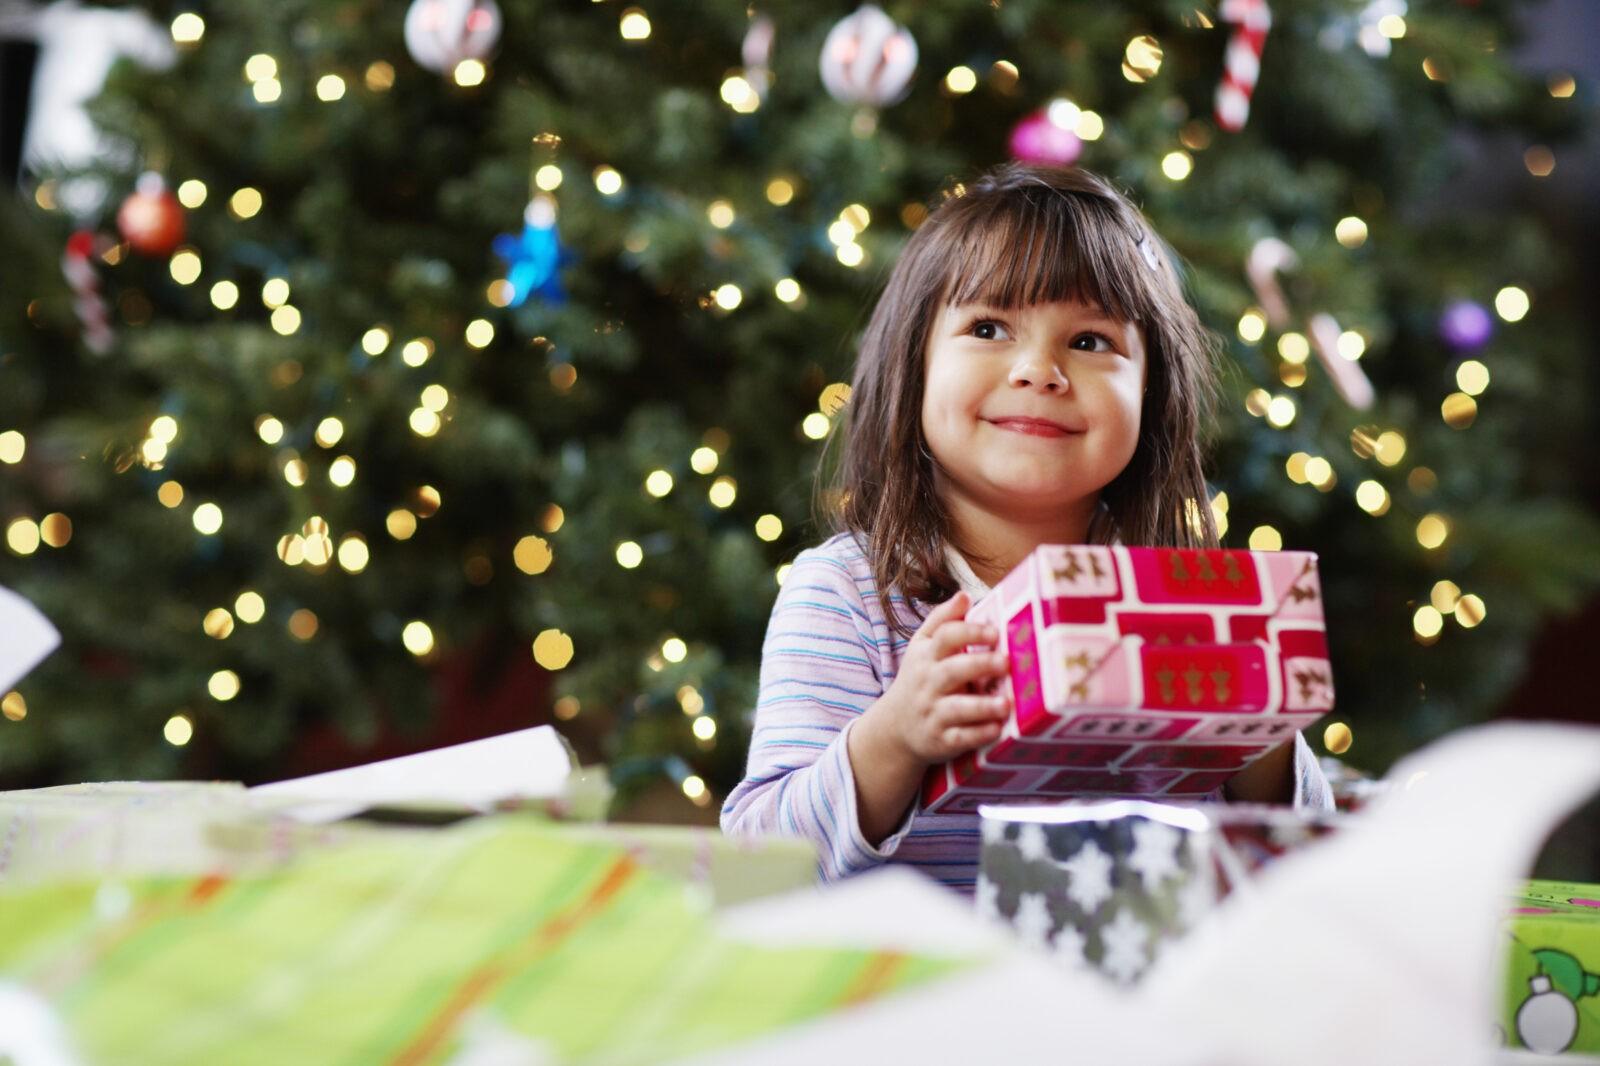 Смотрите, сколько подарков под ёлкой! Выберите один и узнайте, что Вас ждет